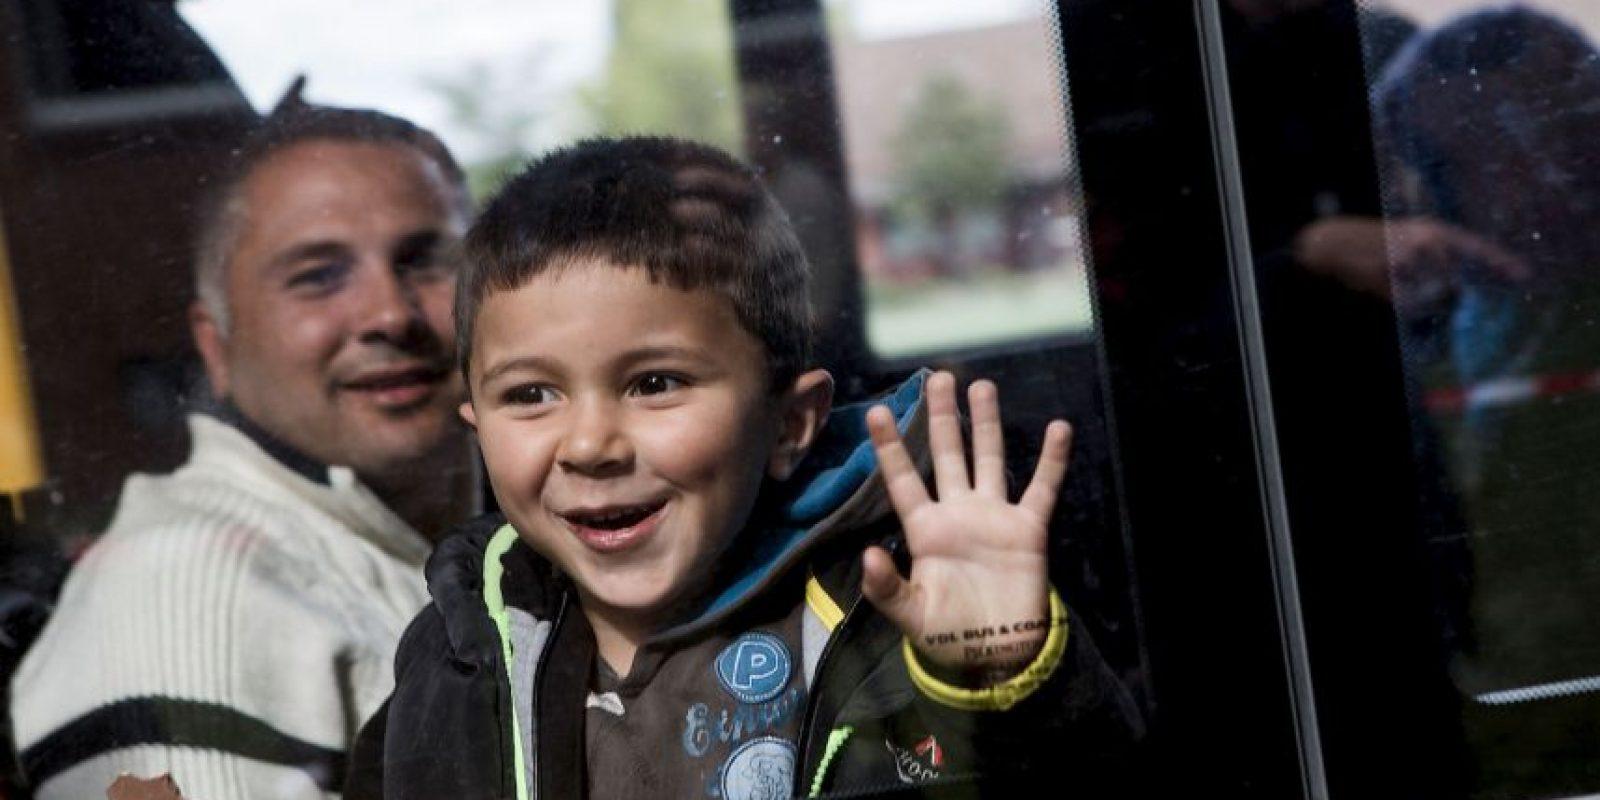 Tras la muerte del niño migrante Aylan Kurdi, estas son las imágenes de la crisis de migrantes en Europa Foto:Getty Images